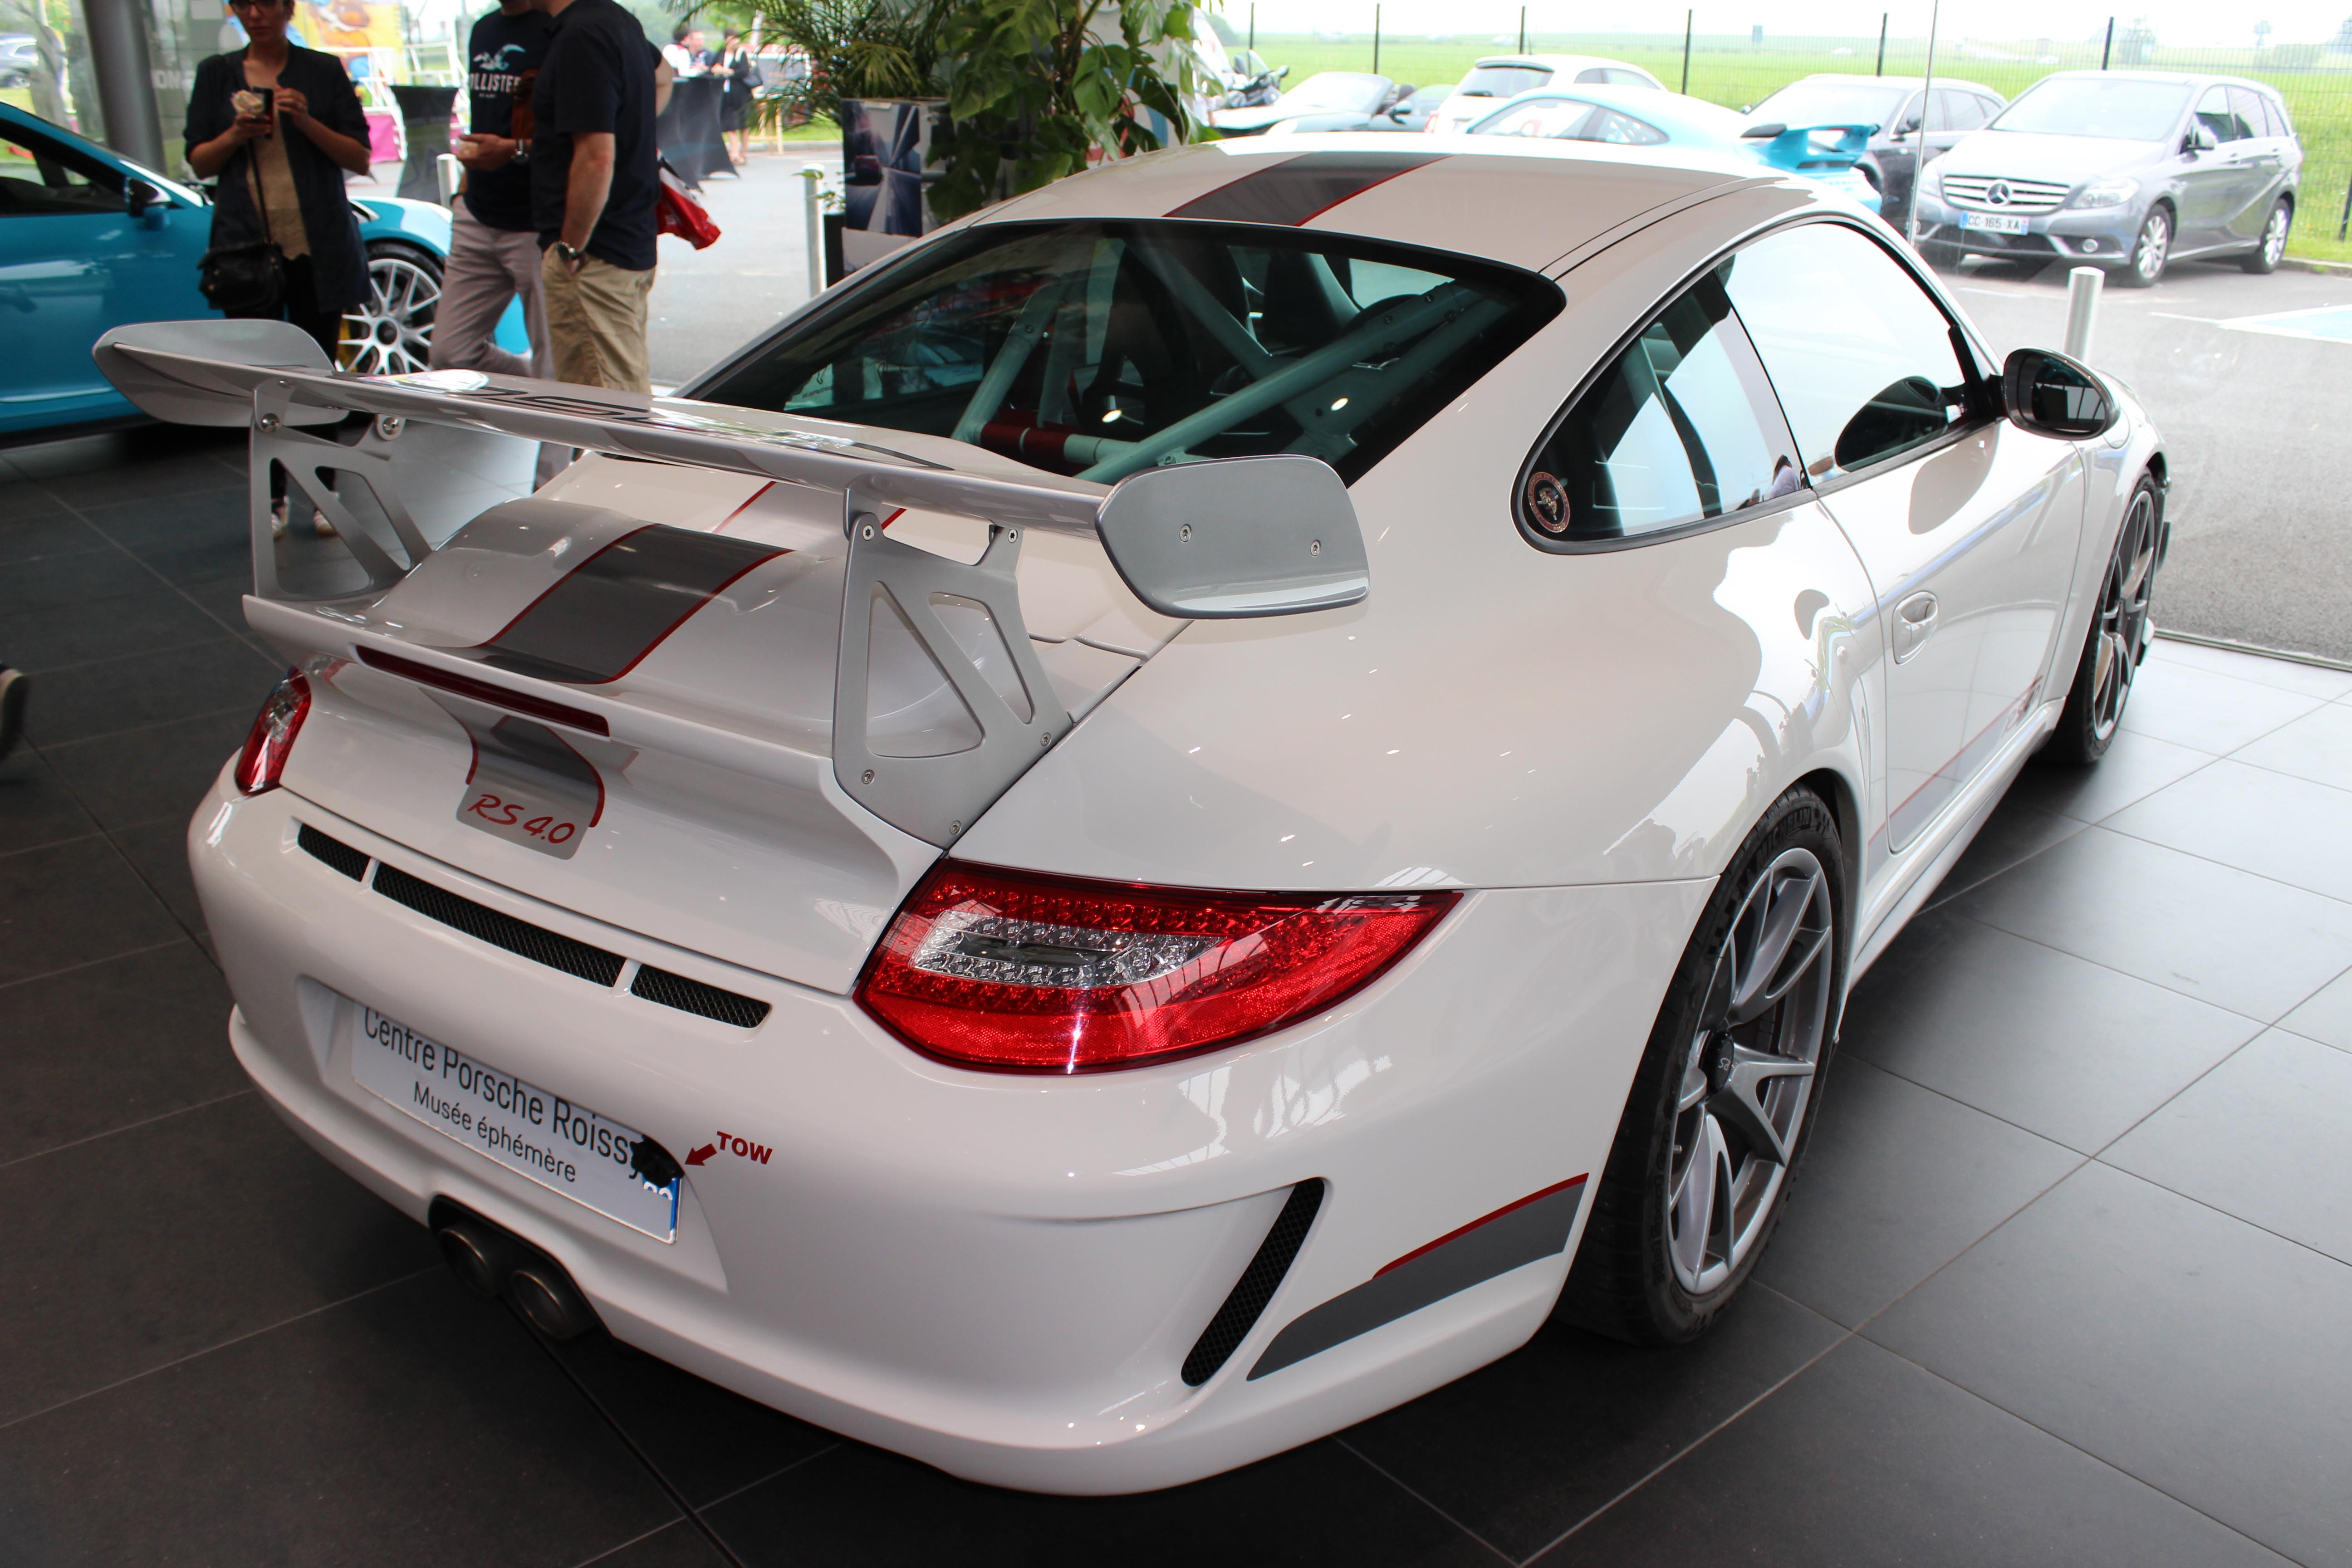 70 Ans Centre Porsche ROISSY Sonauto Img_6633